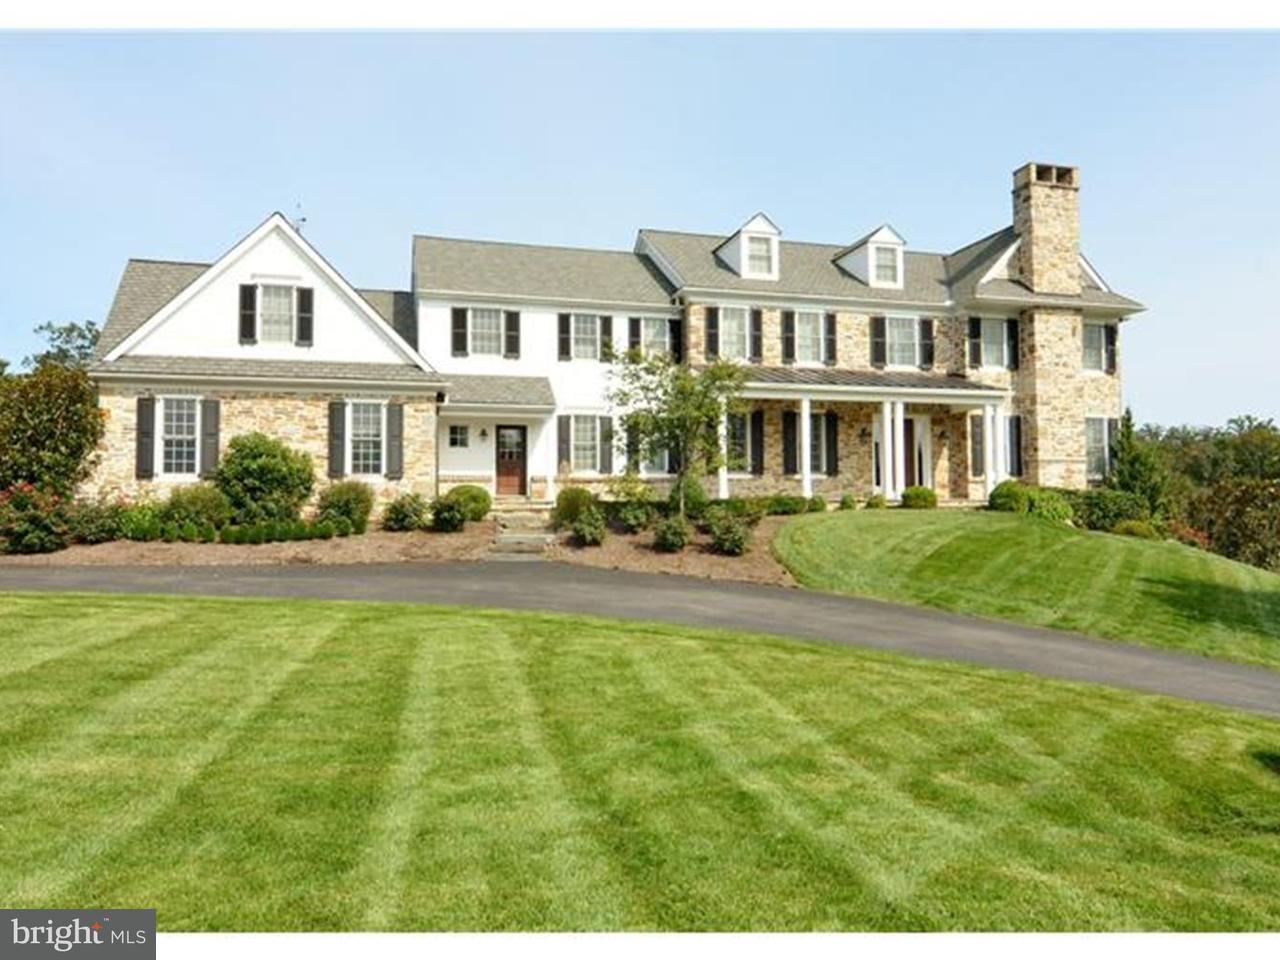 Maison unifamiliale pour l Vente à 105 PAIRED OAKS Lane Greenville, Delaware 19807 États-Unis